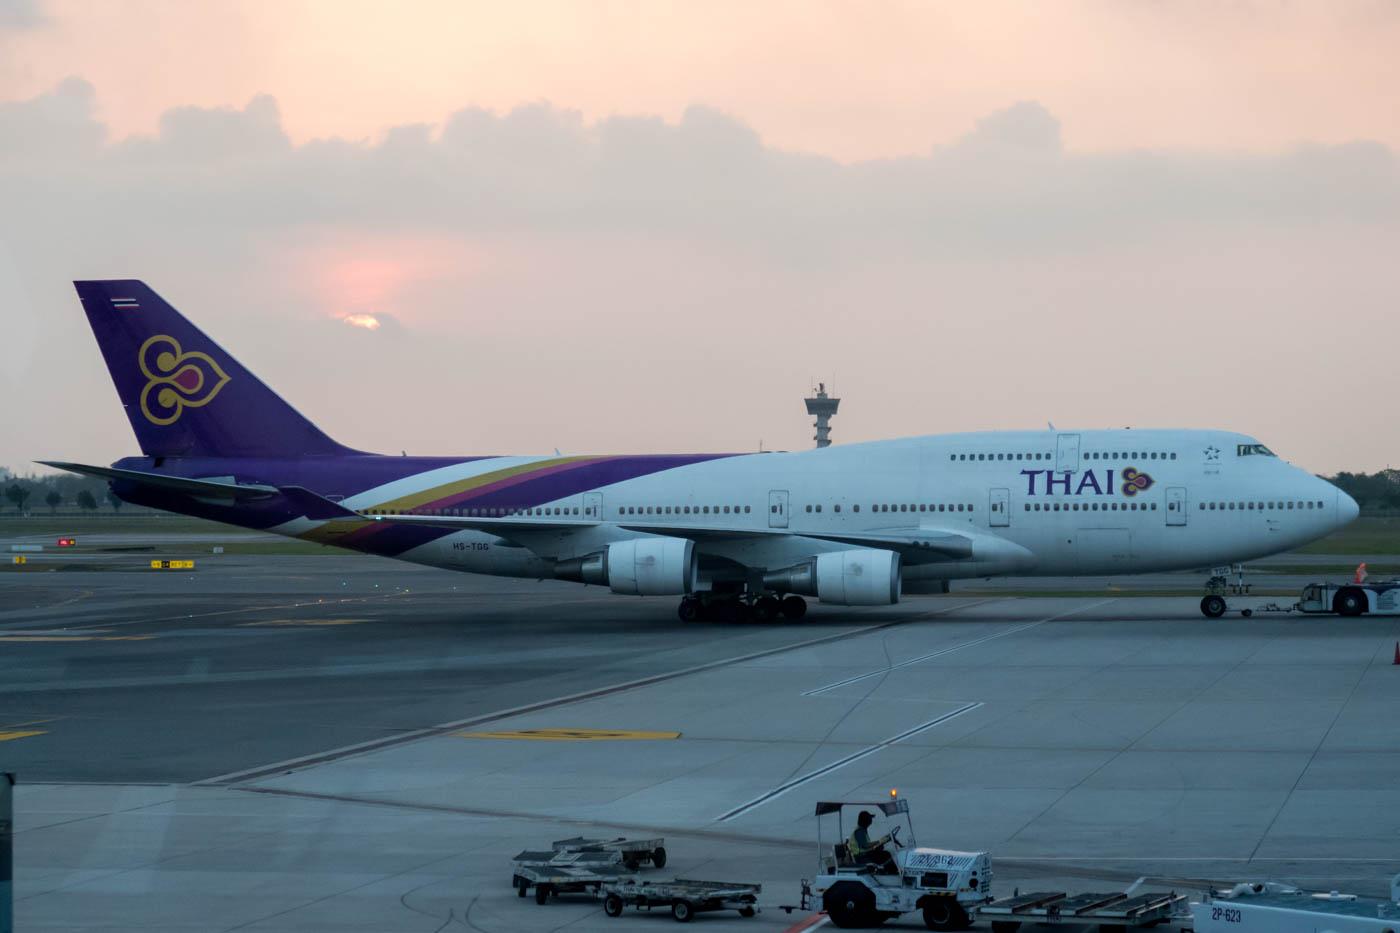 Thai Airways Boeing 747-400 Being Towed